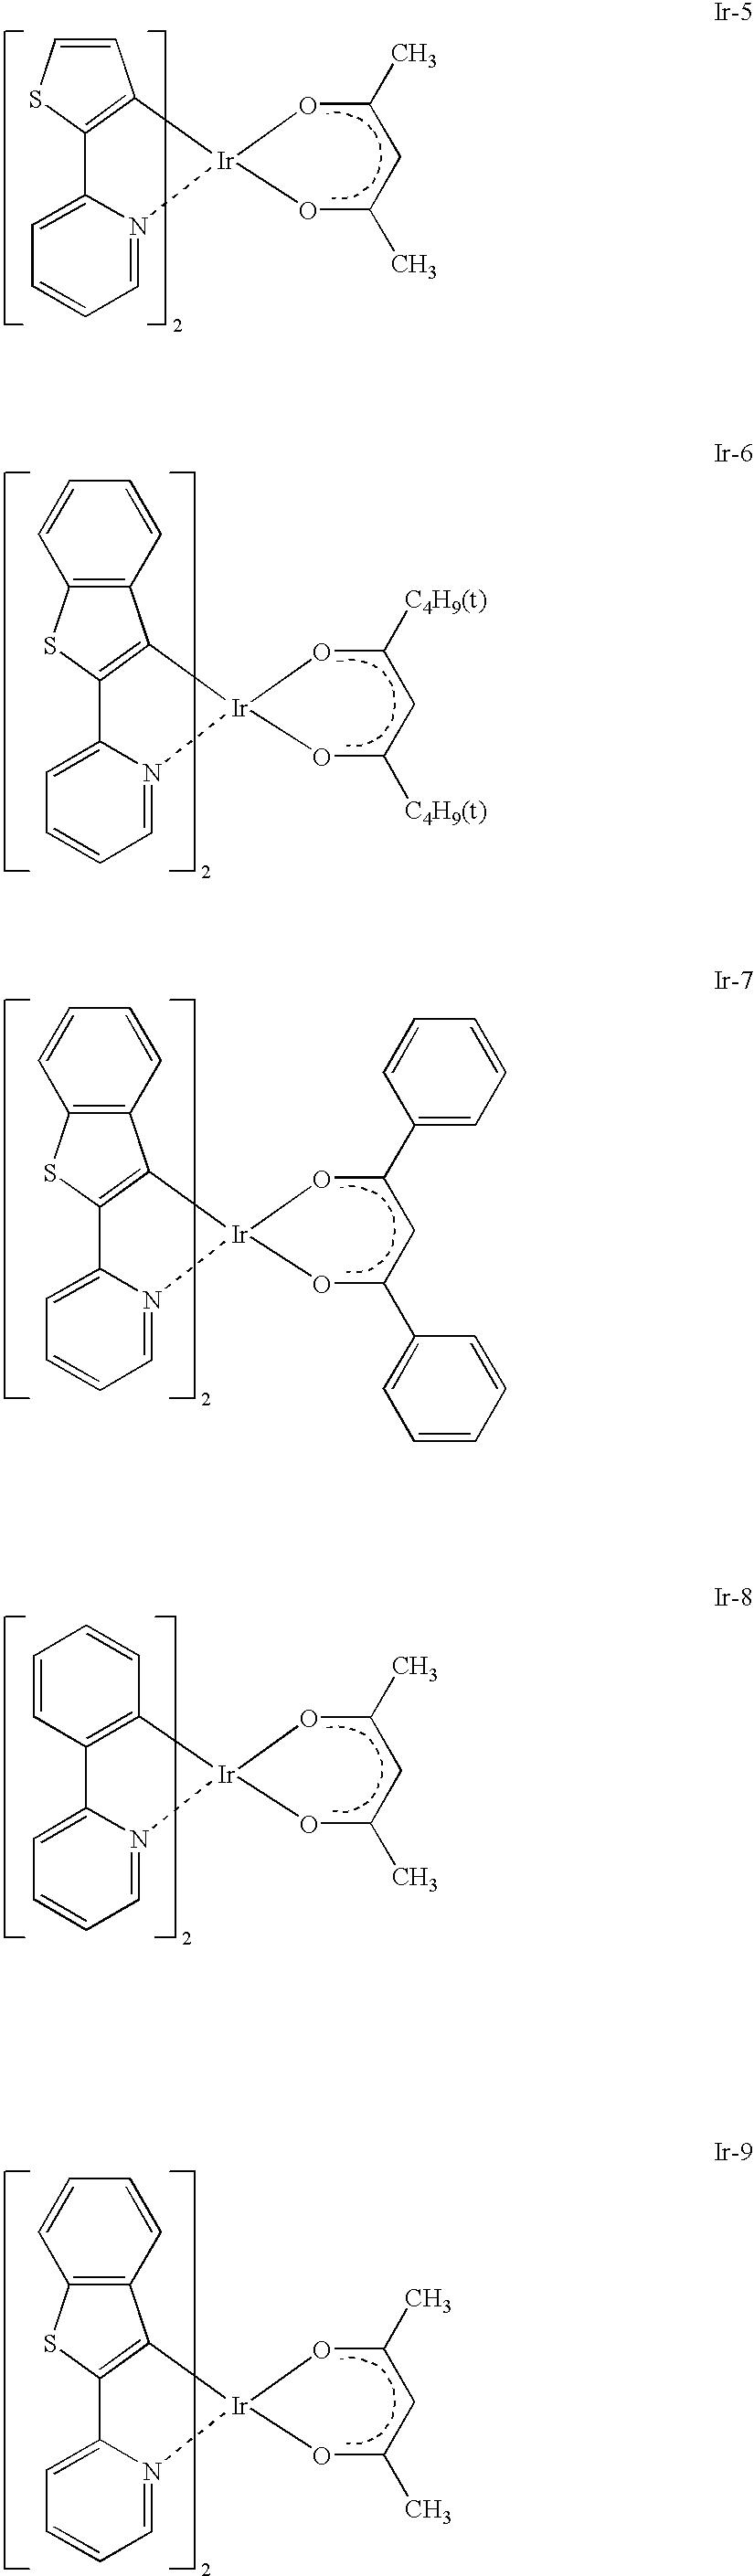 Figure US06750608-20040615-C00002